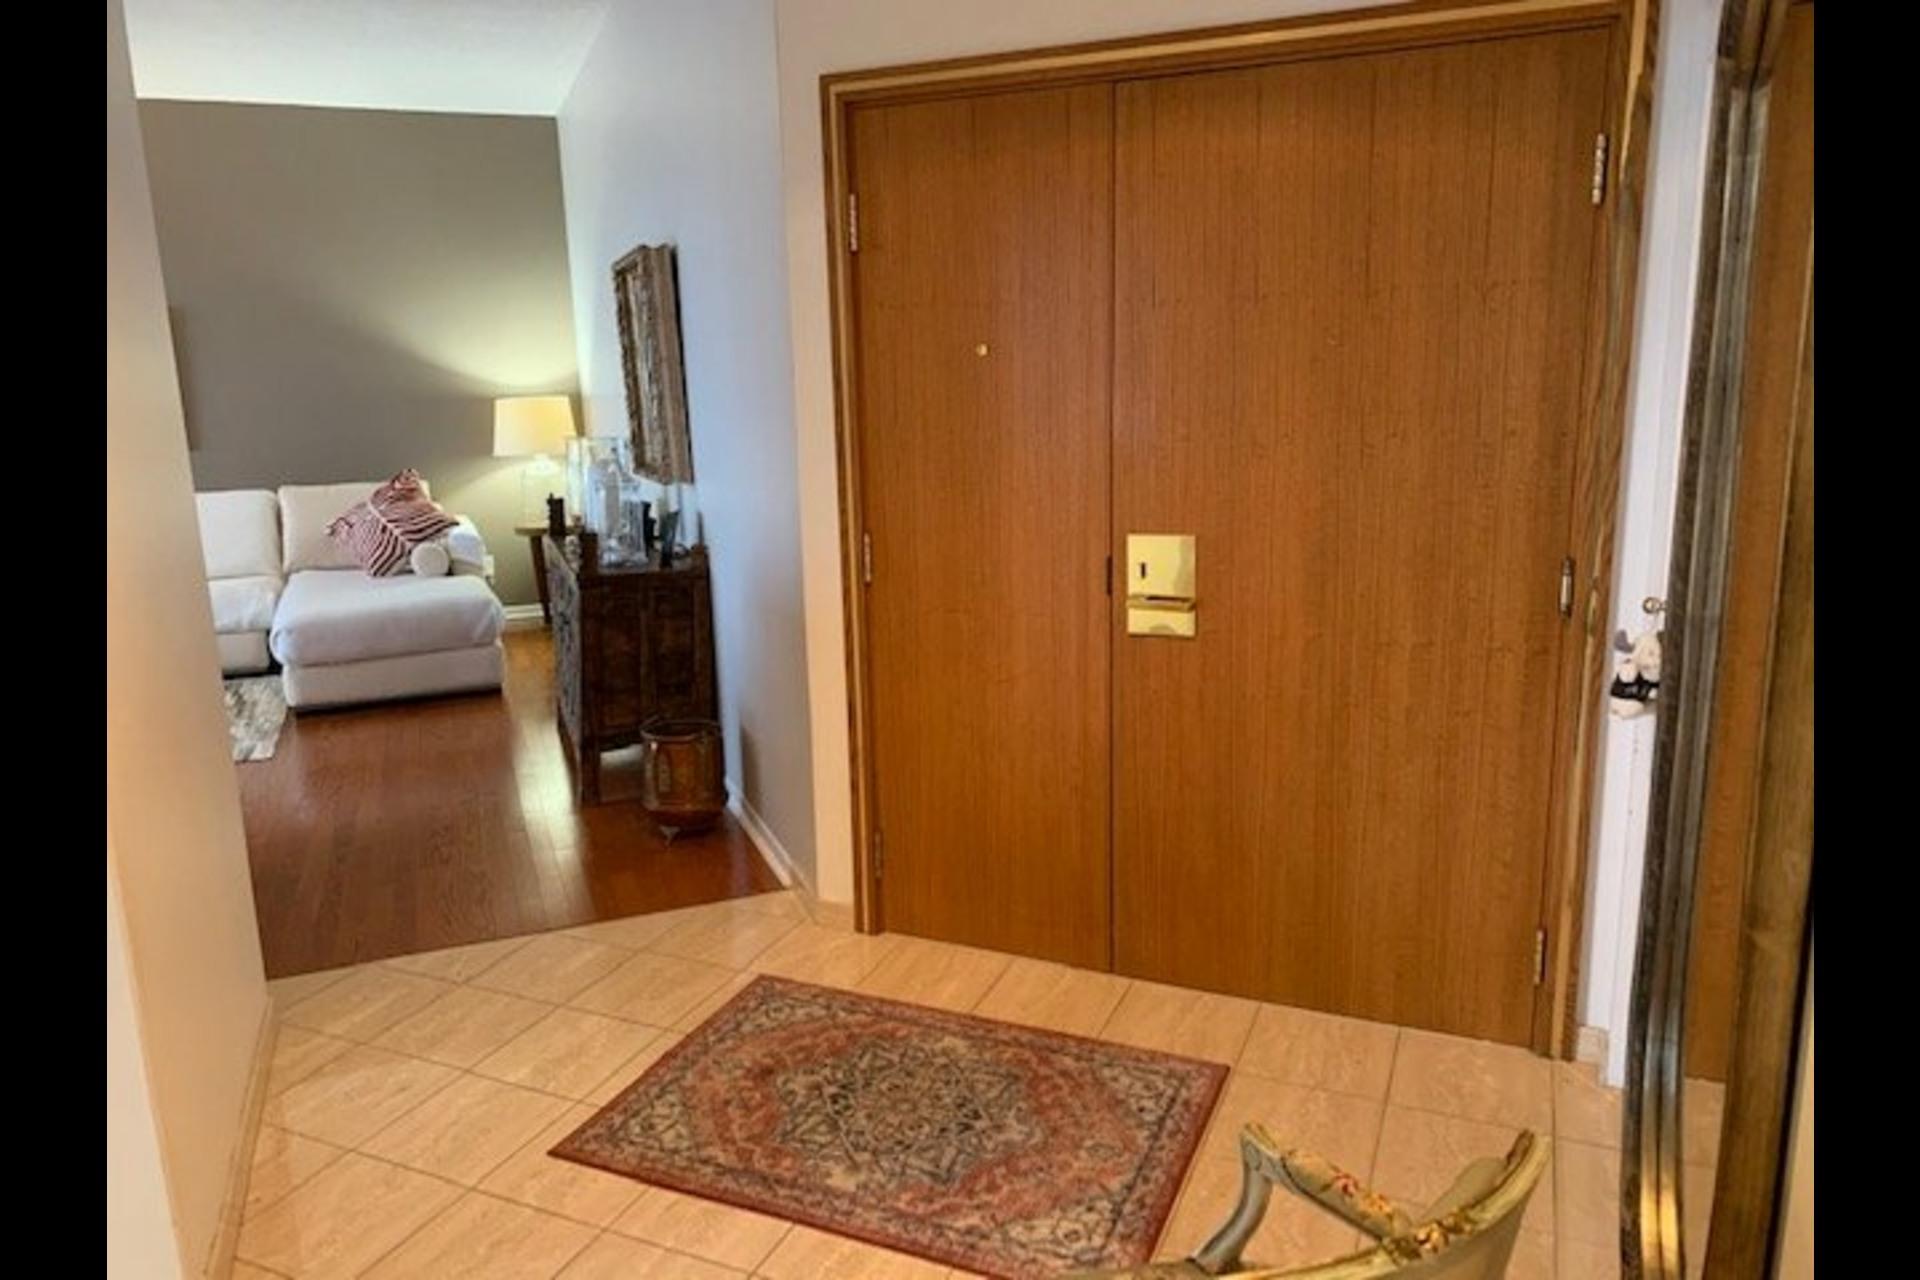 image 5 - Apartment For sale Côte-des-Neiges/Notre-Dame-de-Grâce Montréal  - 5 rooms